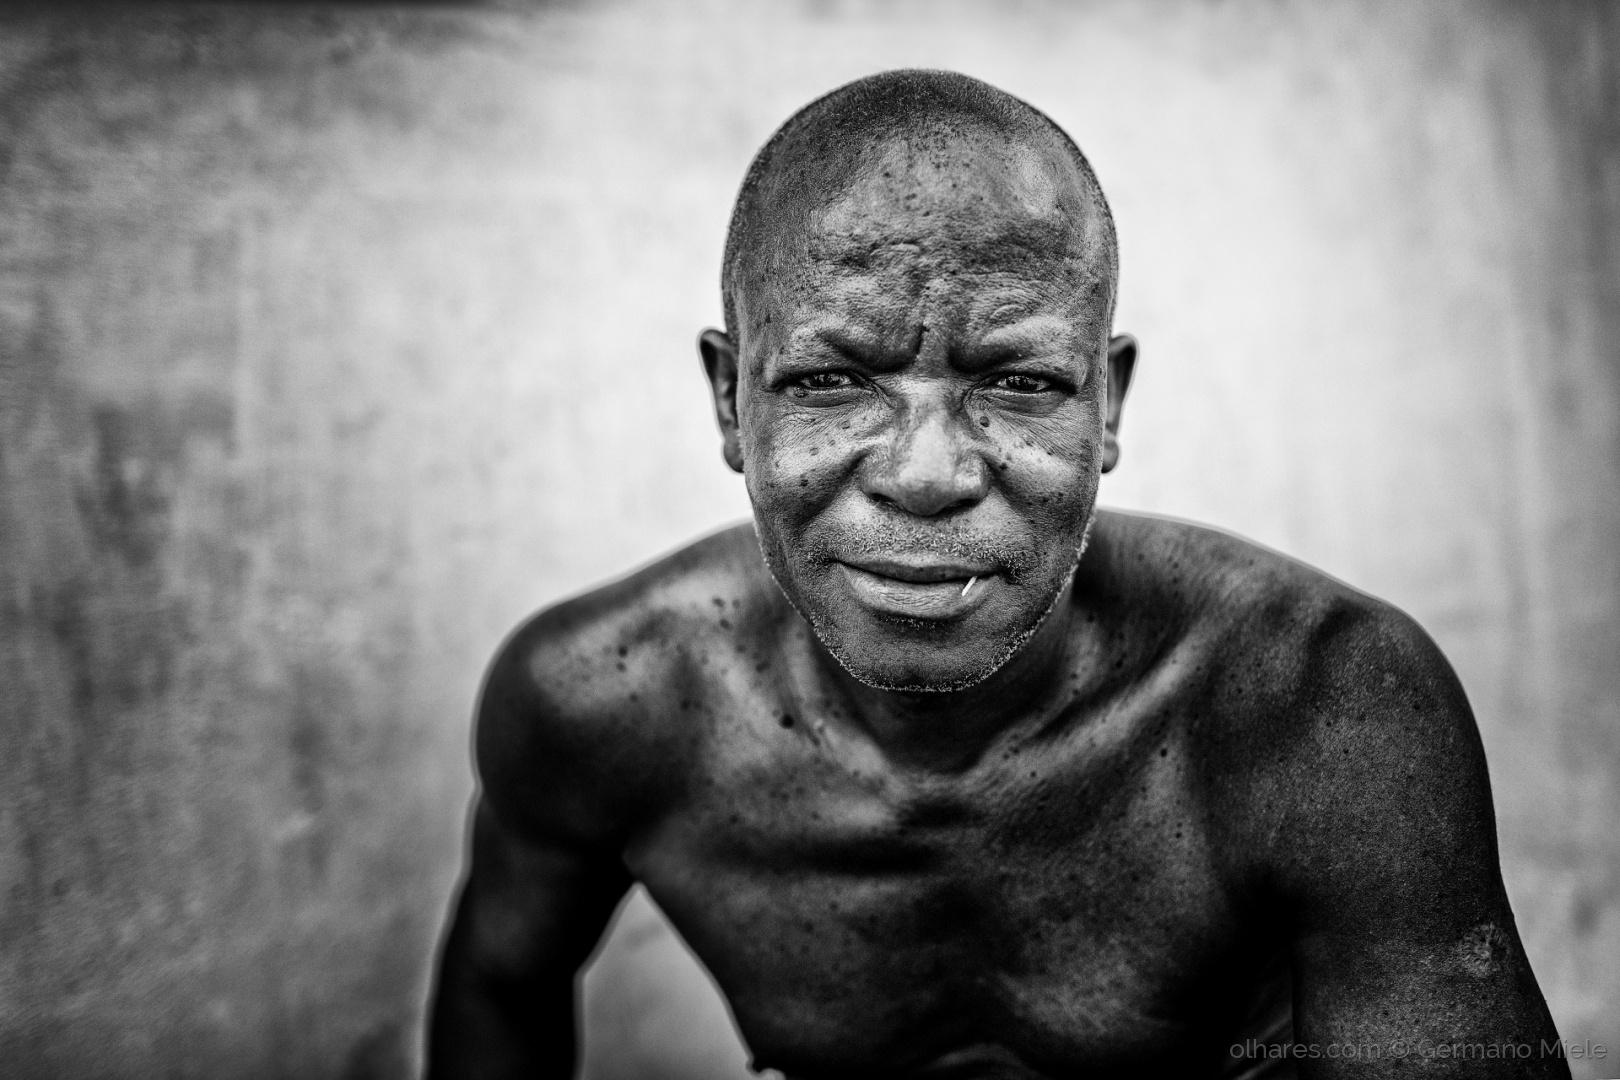 Gentes e Locais/O velho e o seu palito